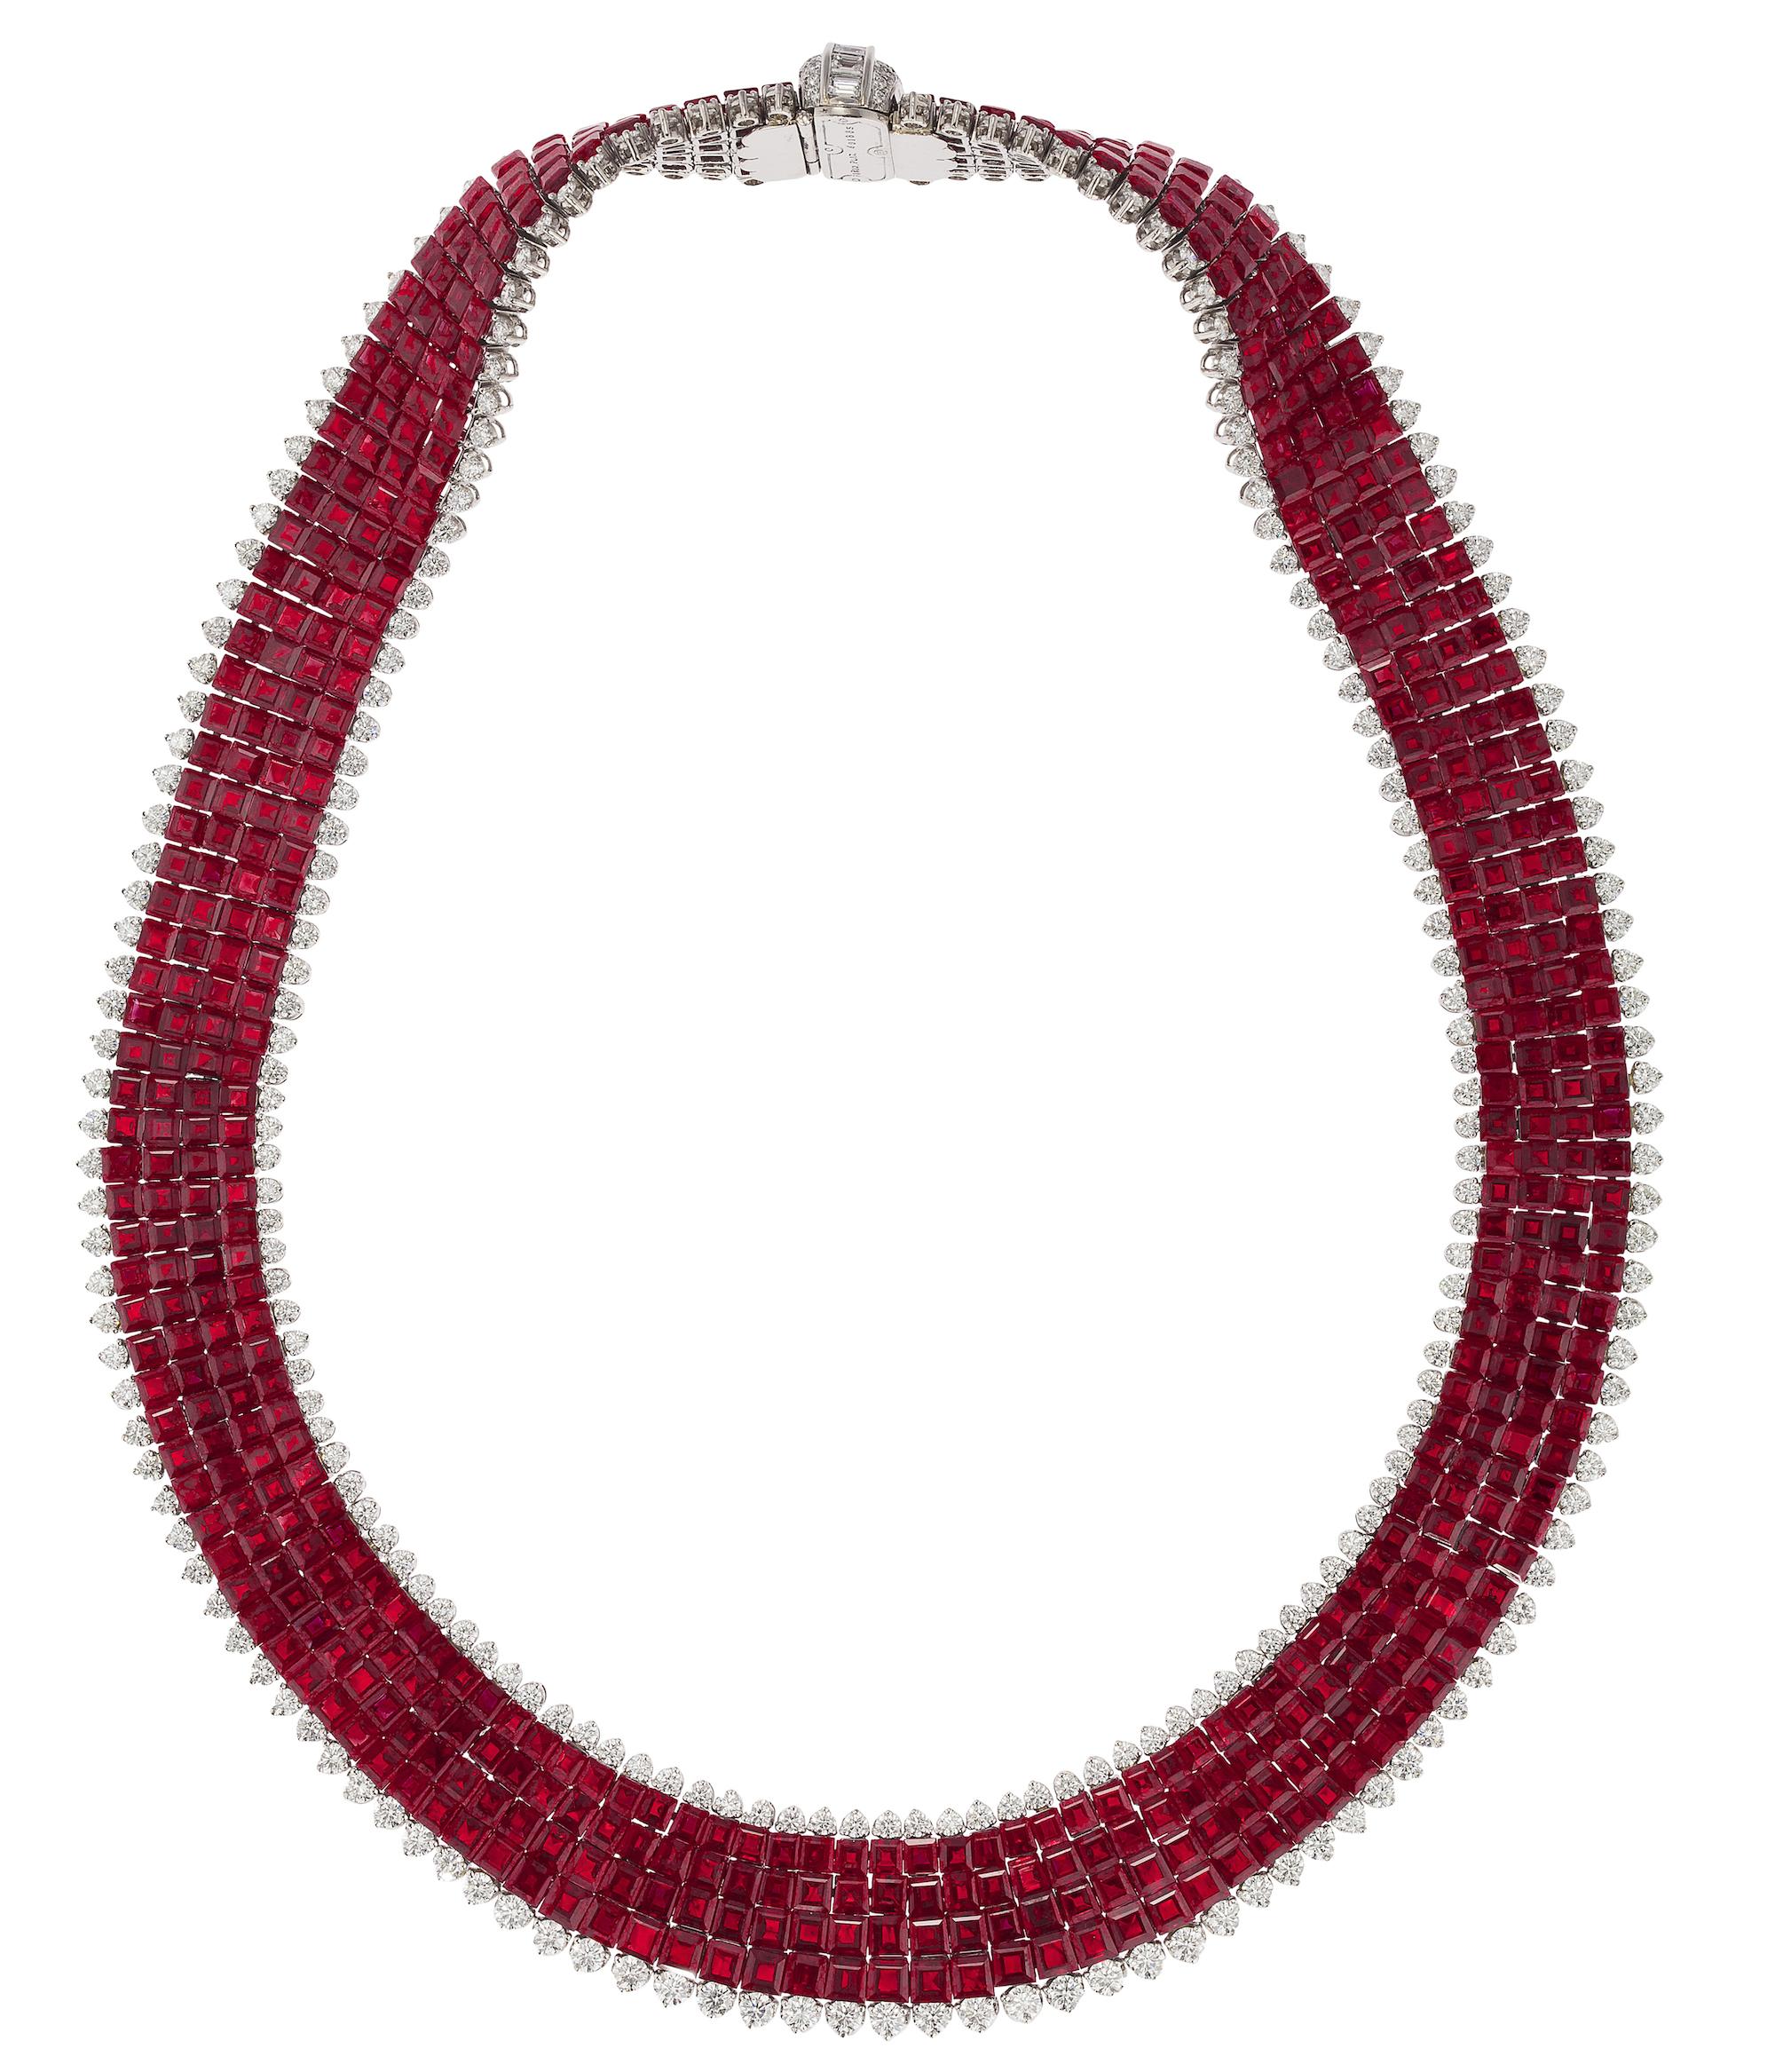 Oscar Heyman ruby necklace | JCK On Your Market